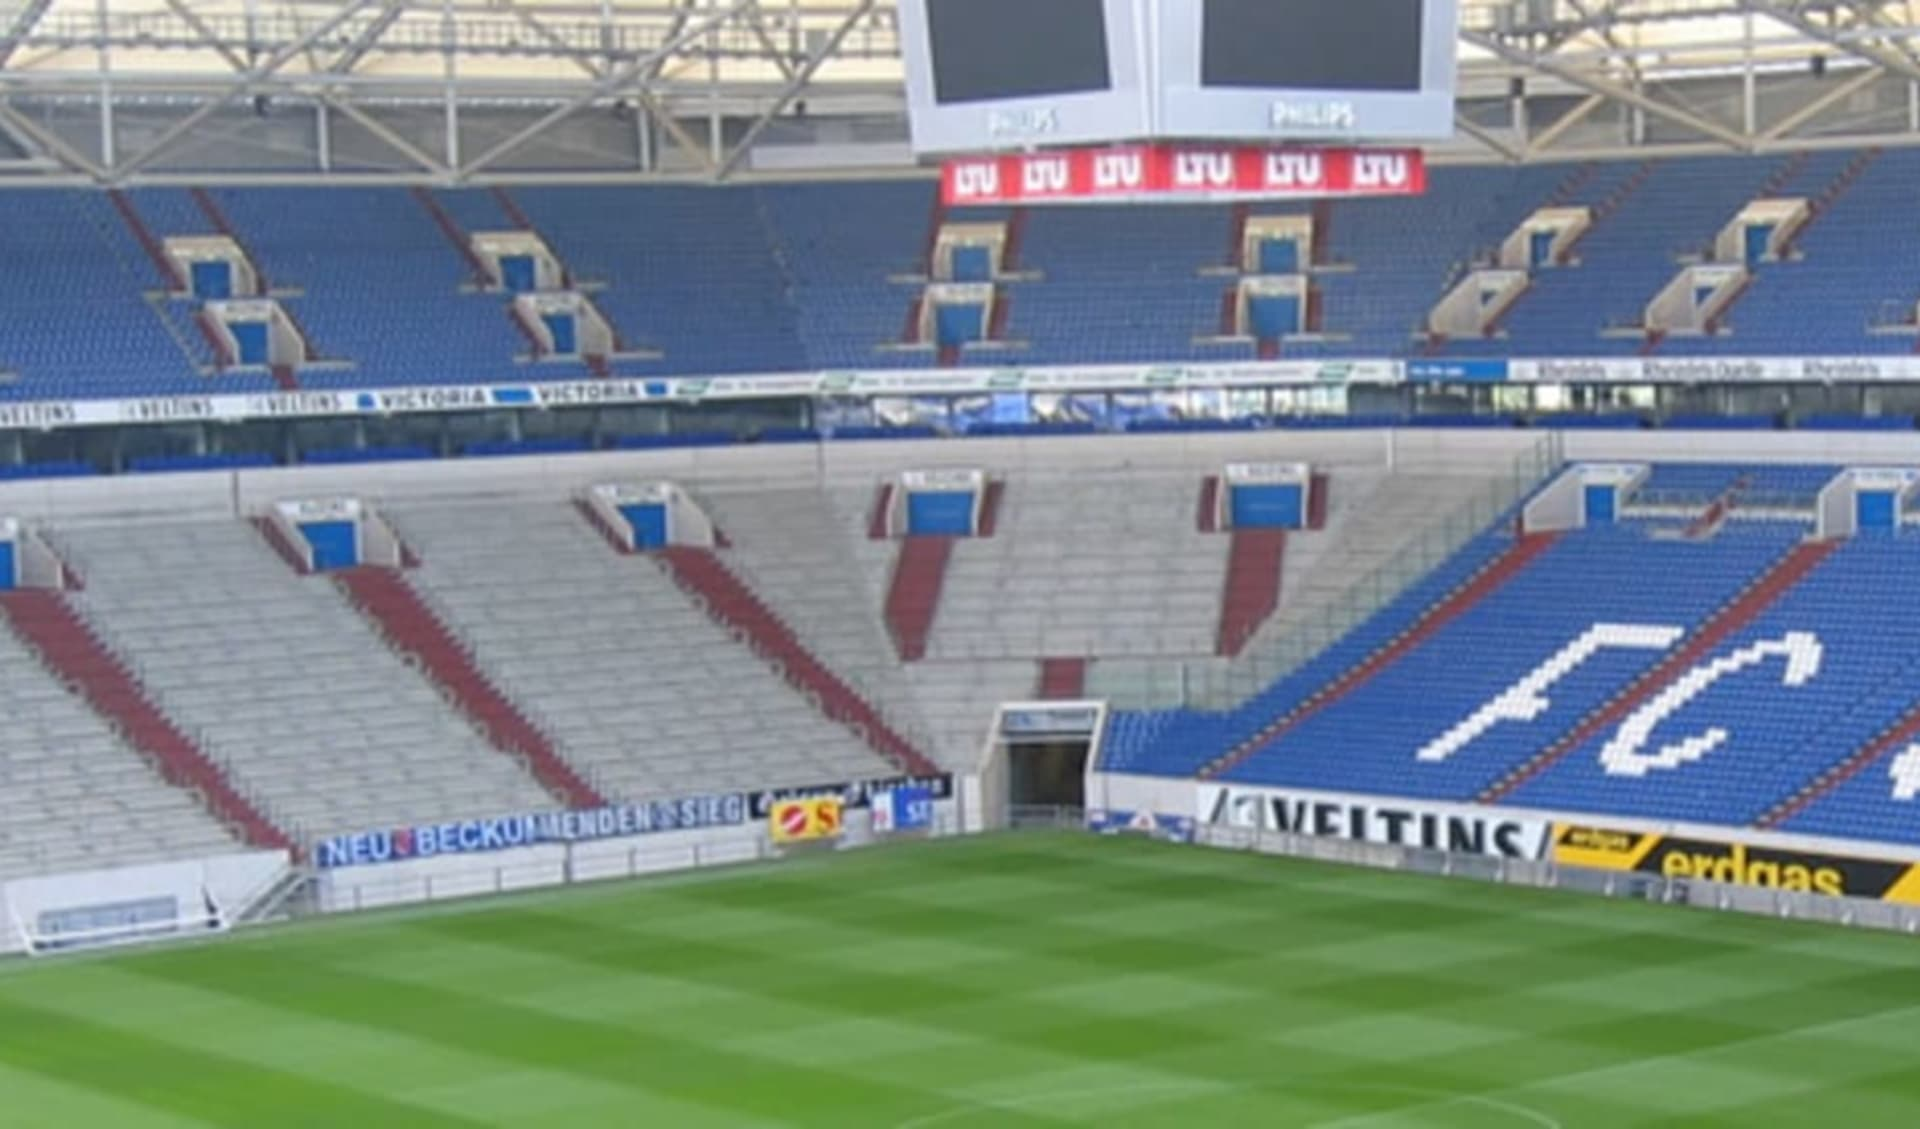 FC Schalke 04 ab Gelsenkirchen: veltins_arena